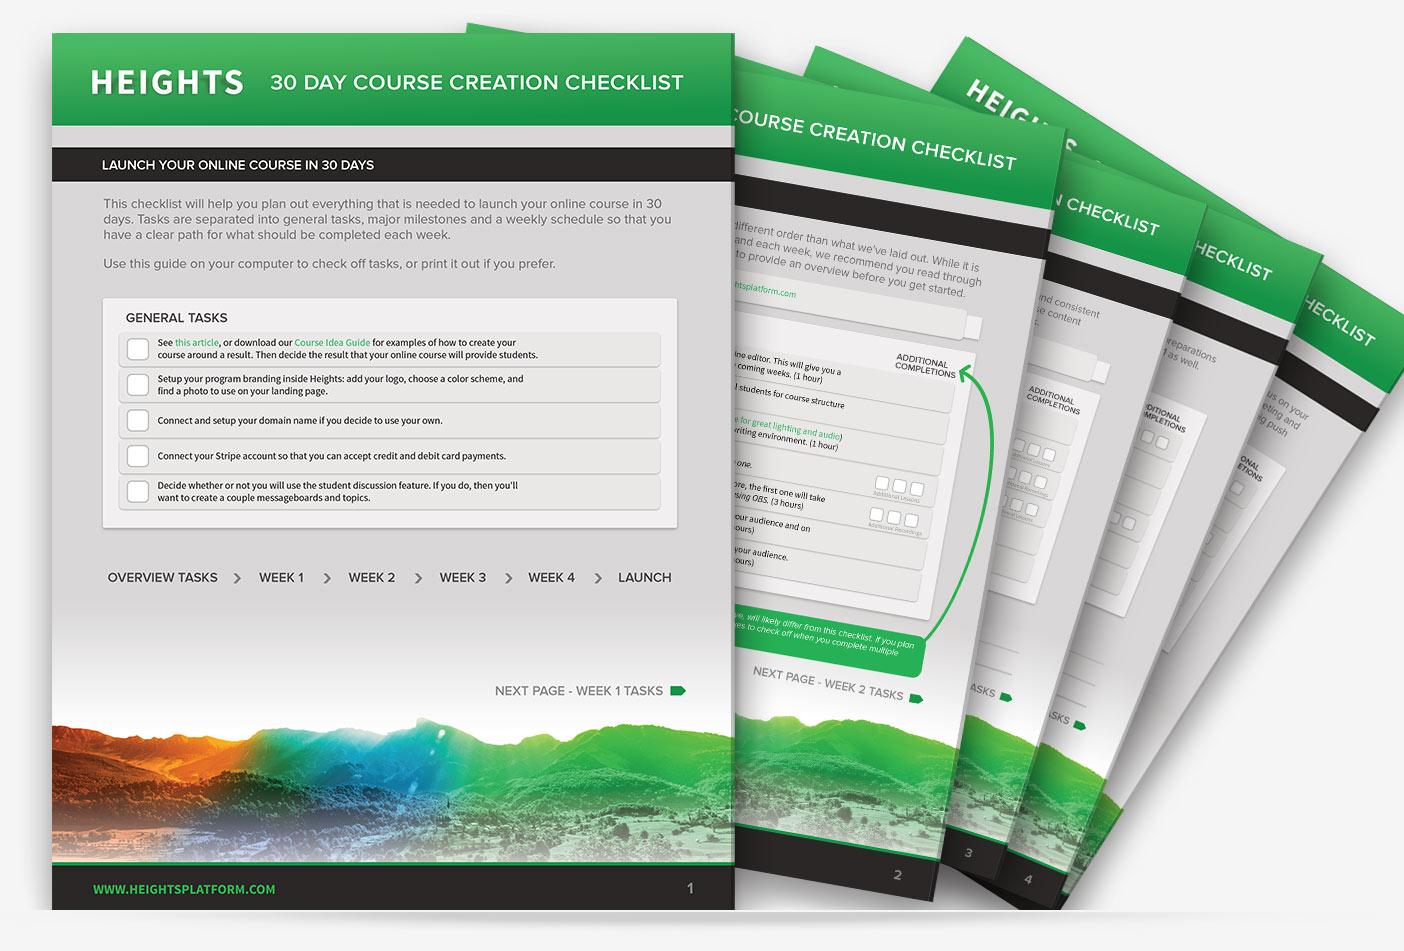 Heights Platform 30 Day Online Course Creation Checklist